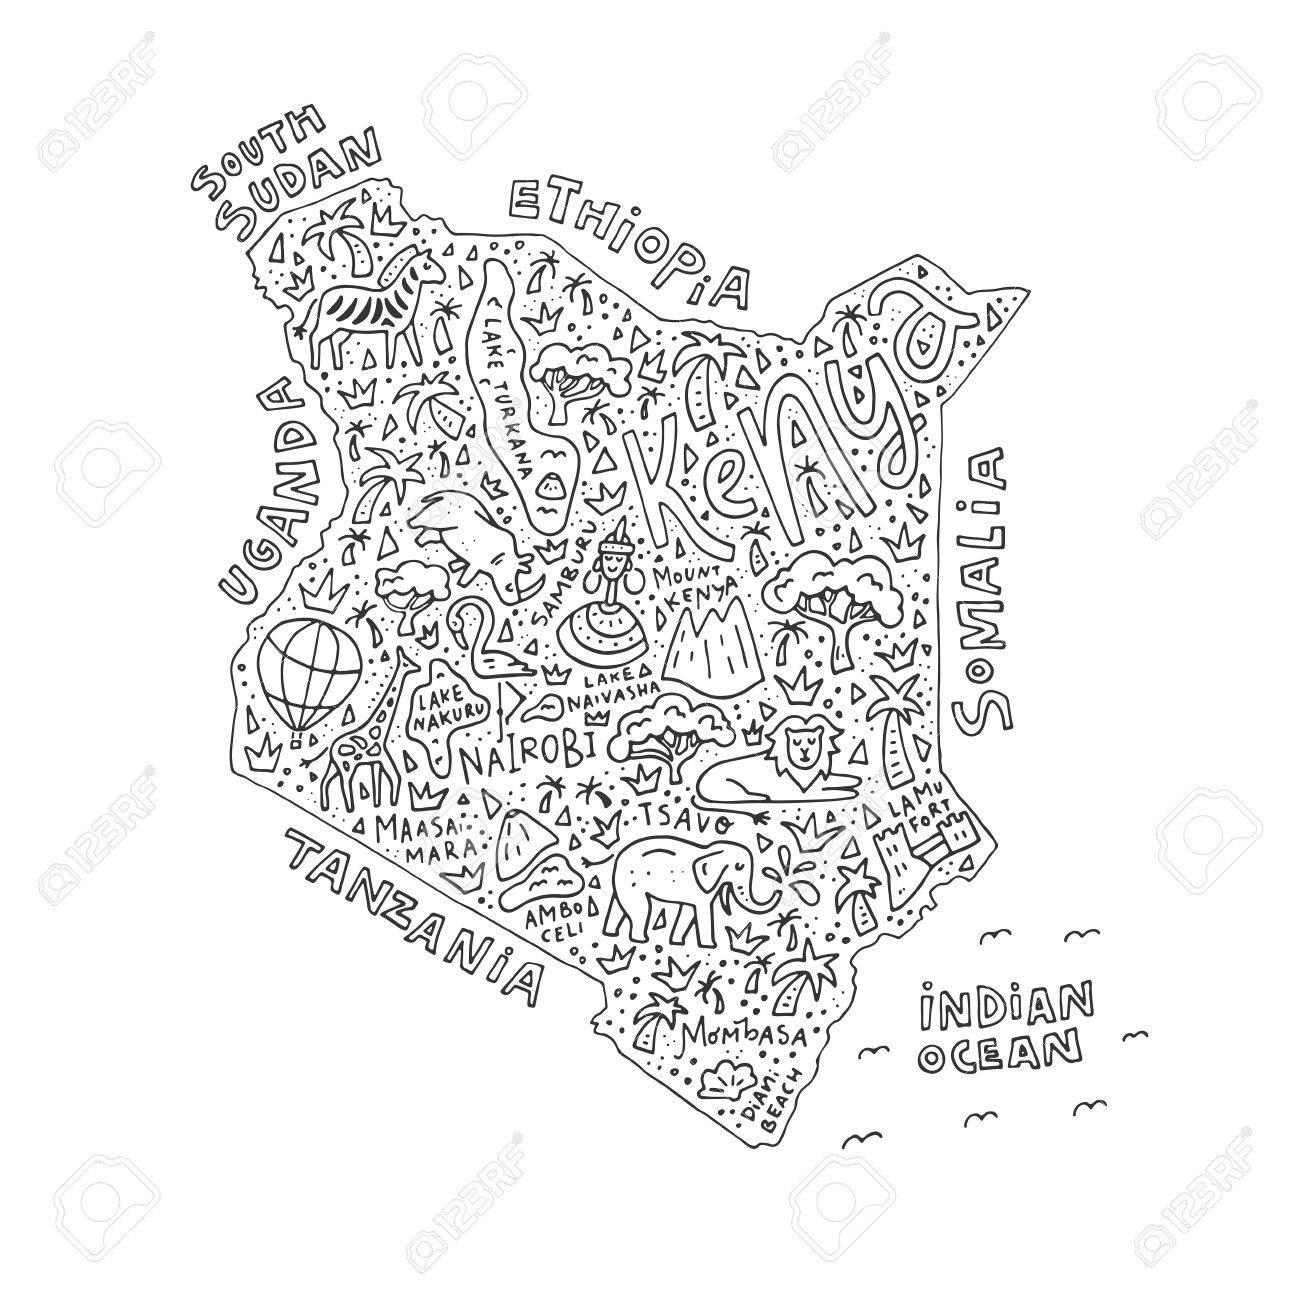 黒のアウトラインと塗り絵のケニア地図のイラストのイラスト素材